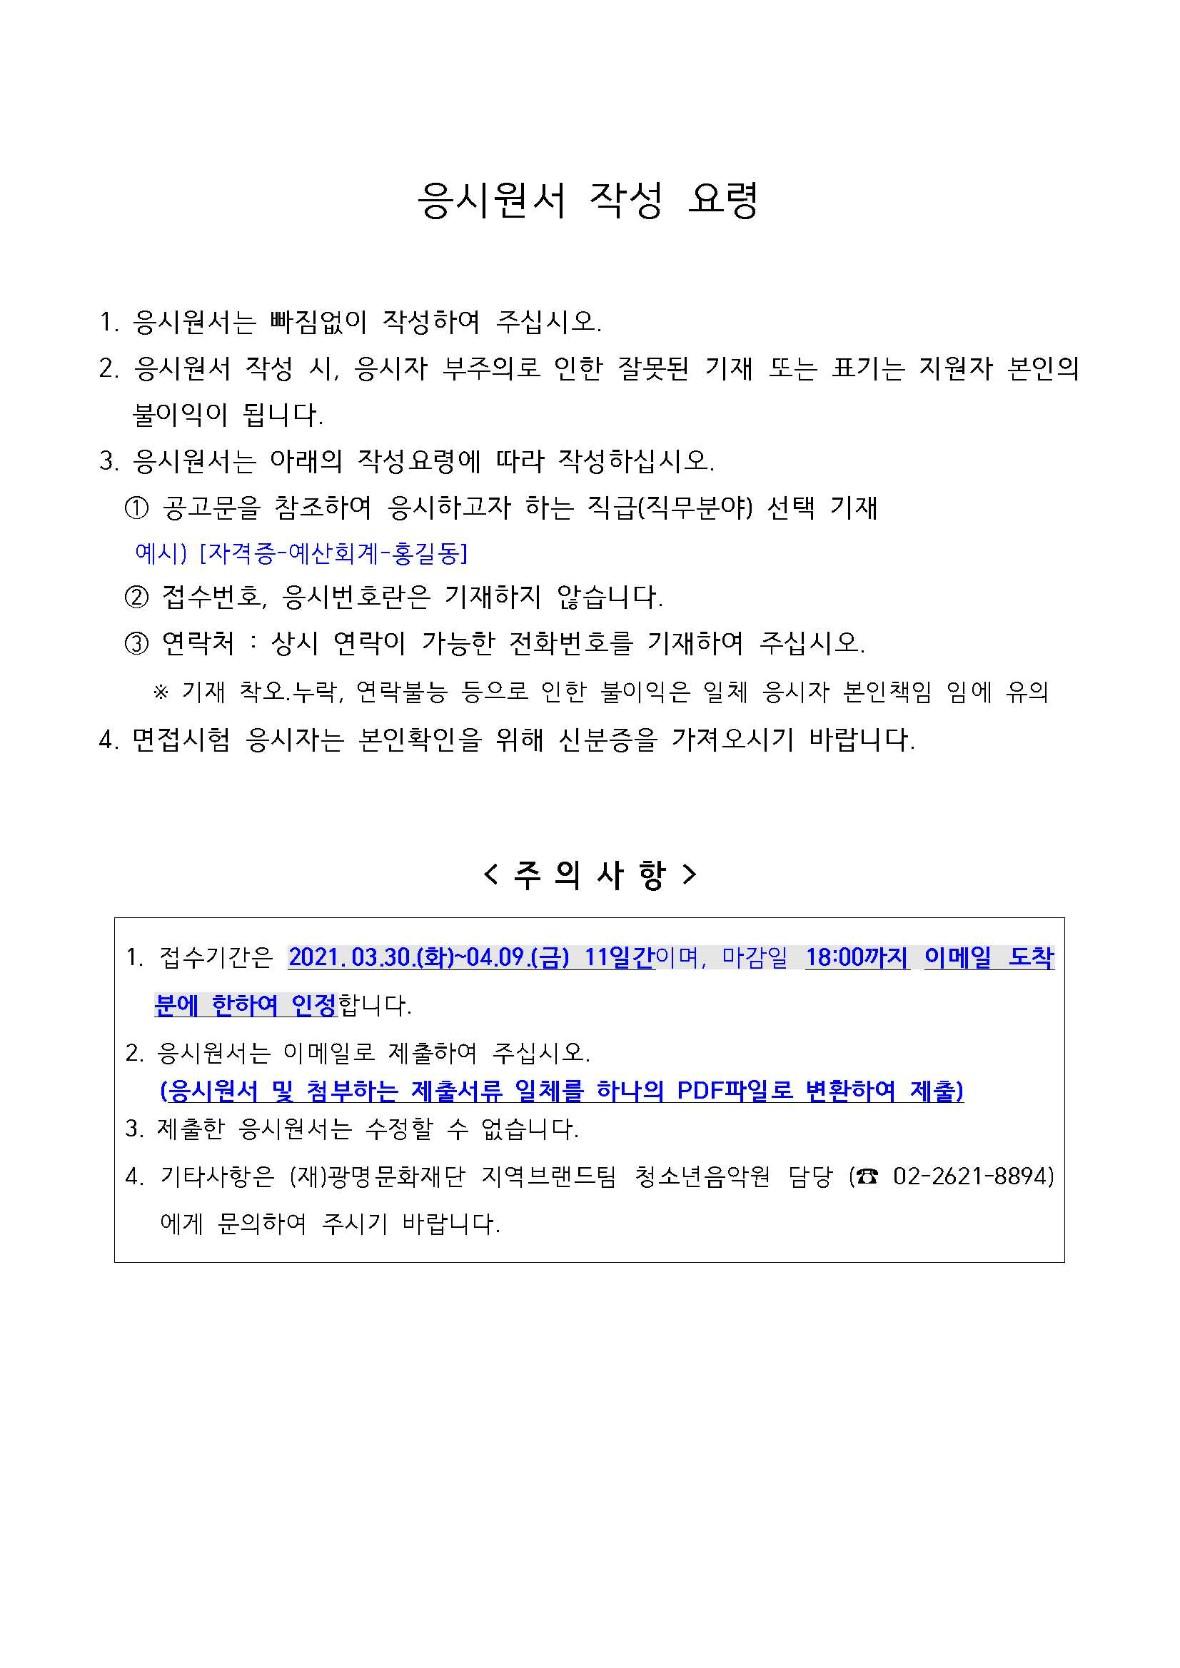 1.[공고문] (재)광명문화재단 2021 광명청소년음악원 음악감독 공개채용 (0330)_4.jpg